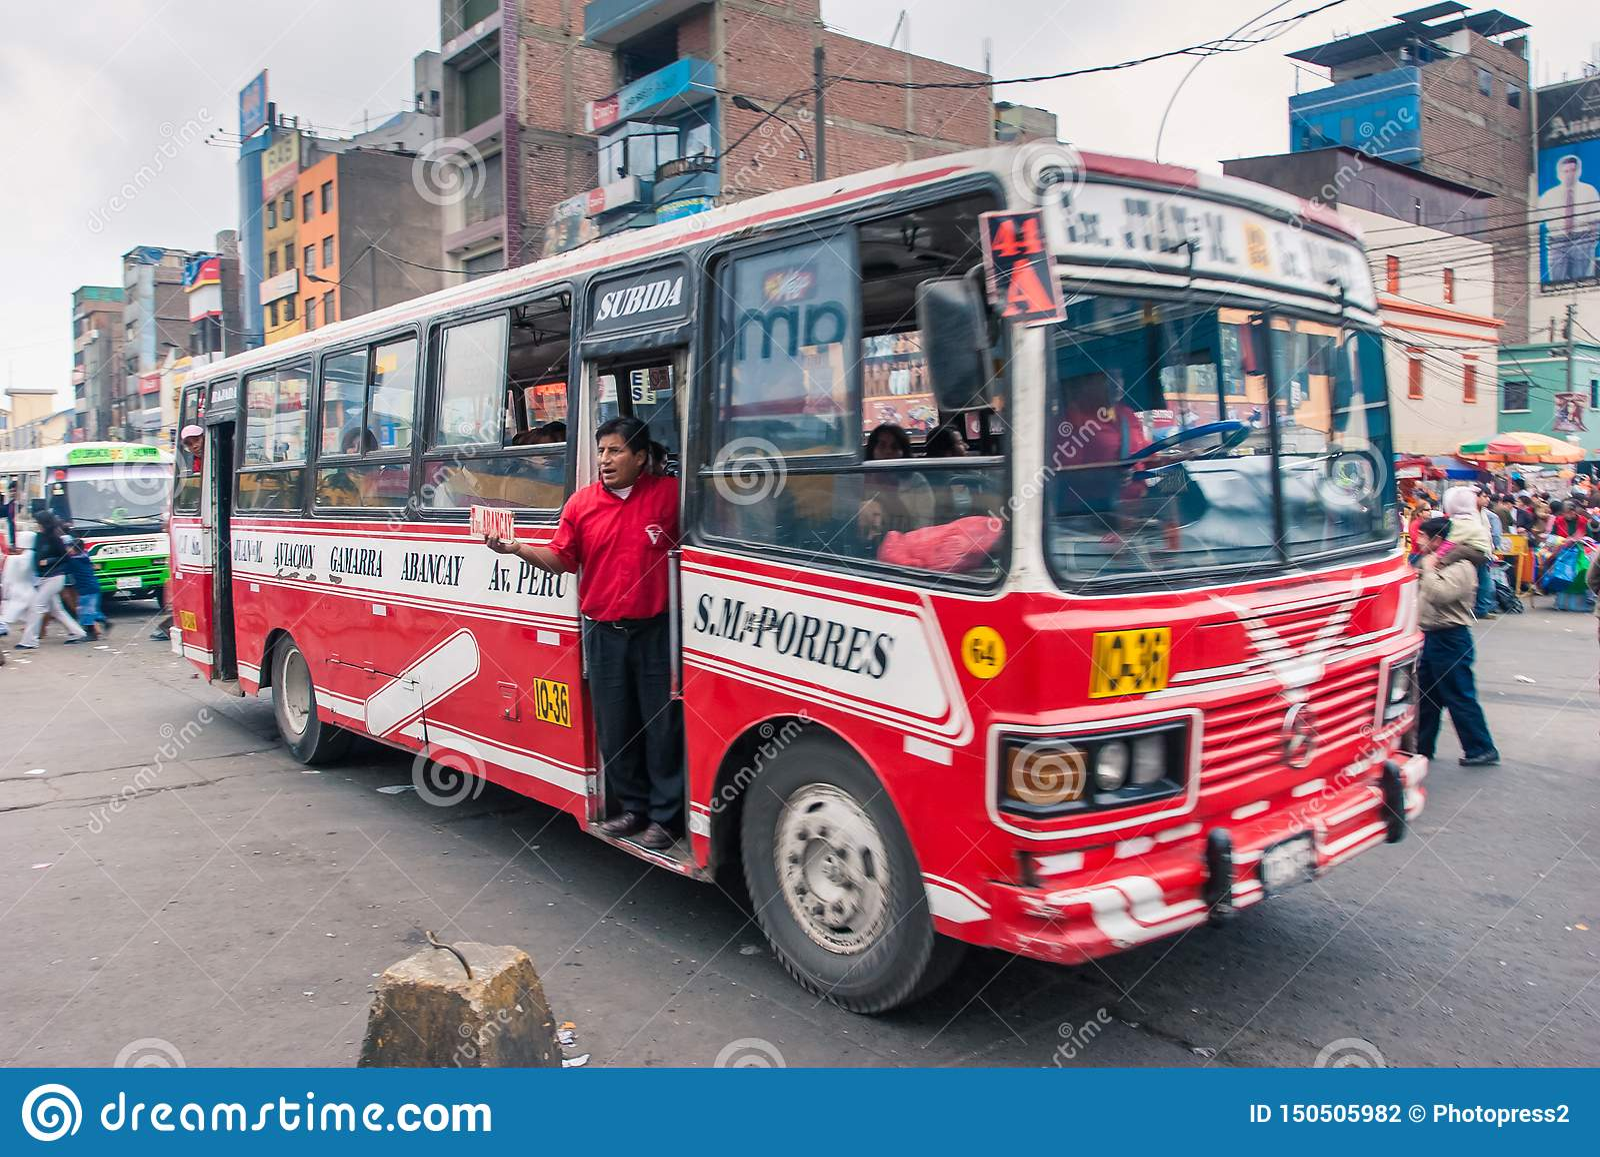 Lima/Peru Jun 13 2008 : Autobus populaire même de transport de ville avec la position de personne à la porte